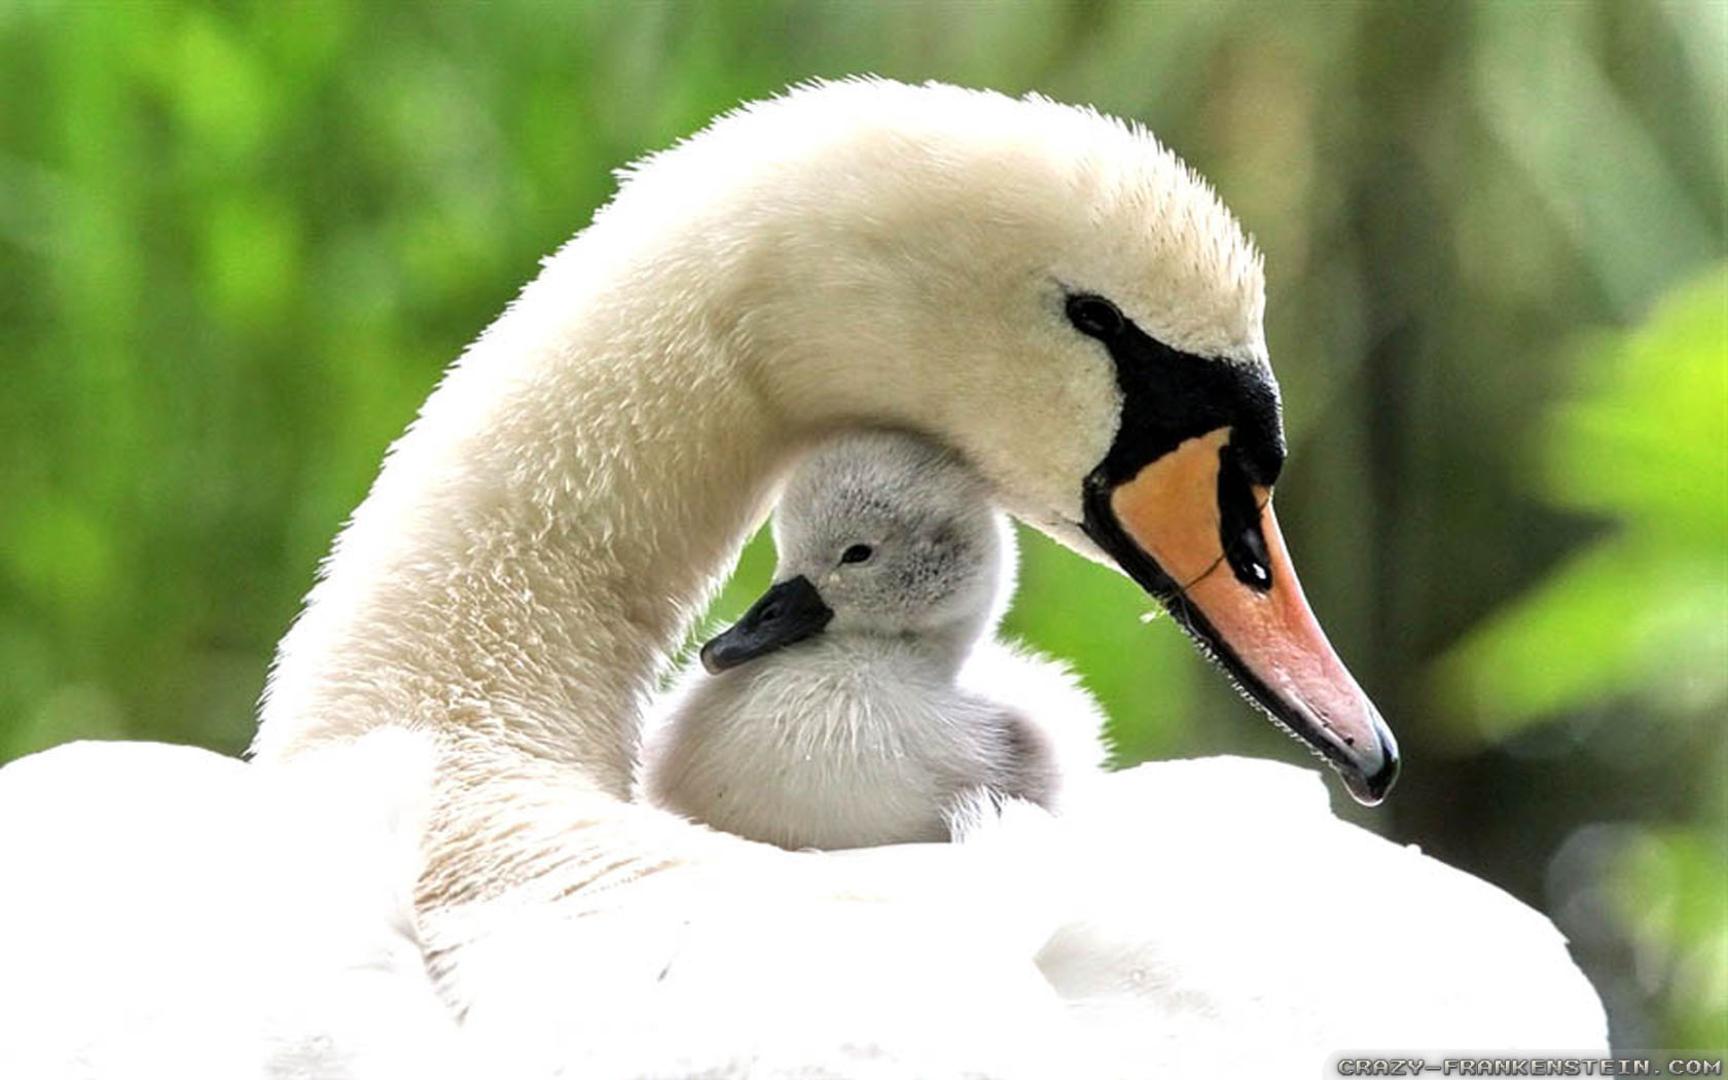 Desktop Wallpapers Baby Swan Spring Animals Wallpapers   iWallScreen 1728x1080